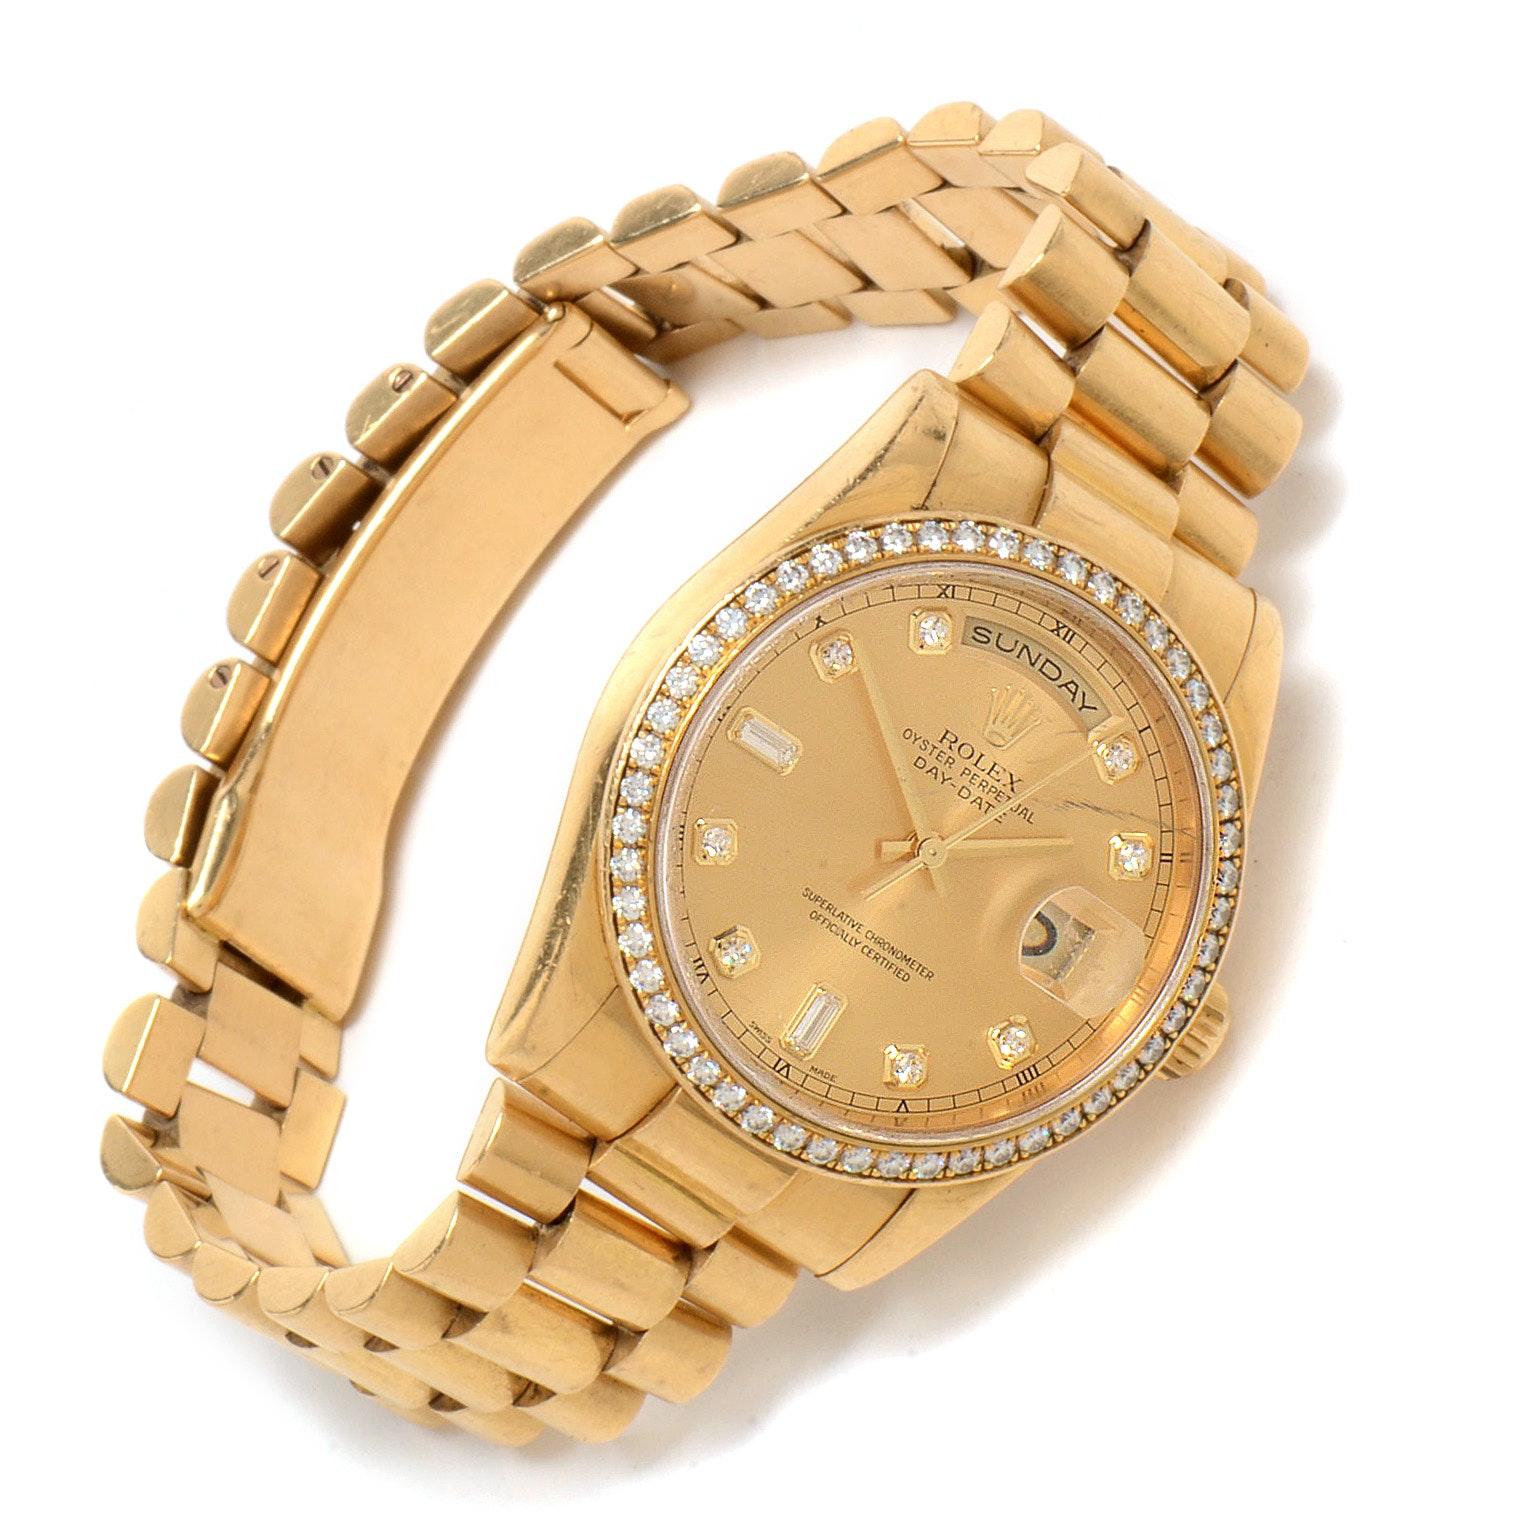 Rolex 18K Yellow Gold Diamond Day-Date President Wristwatch